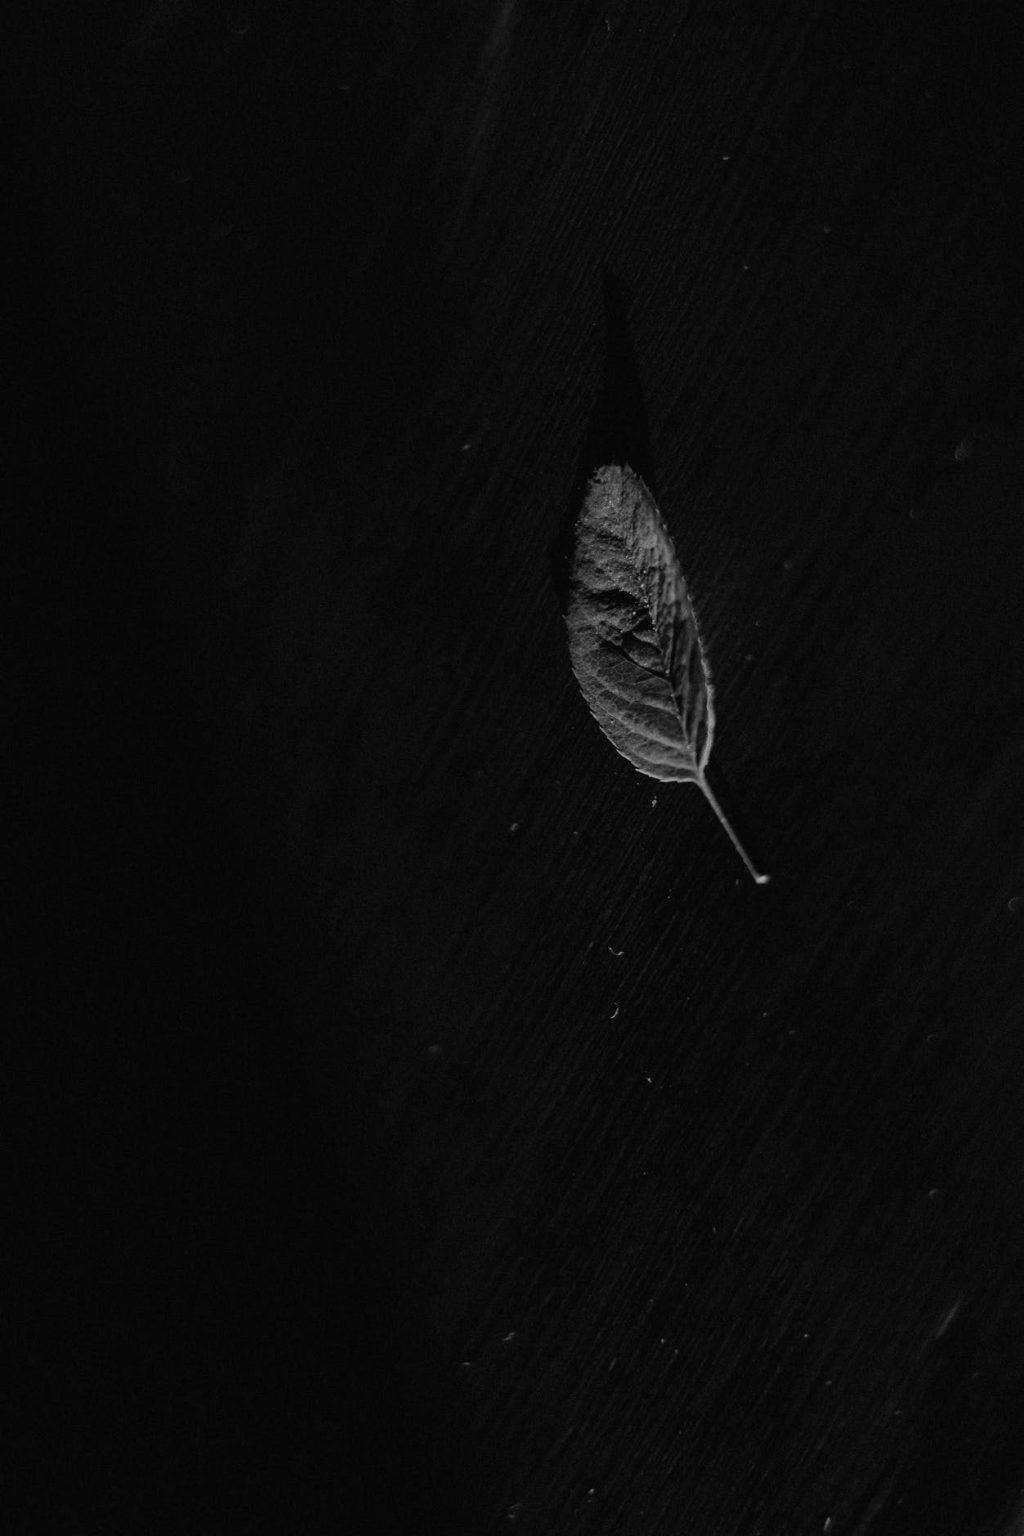 gray leaf on black background